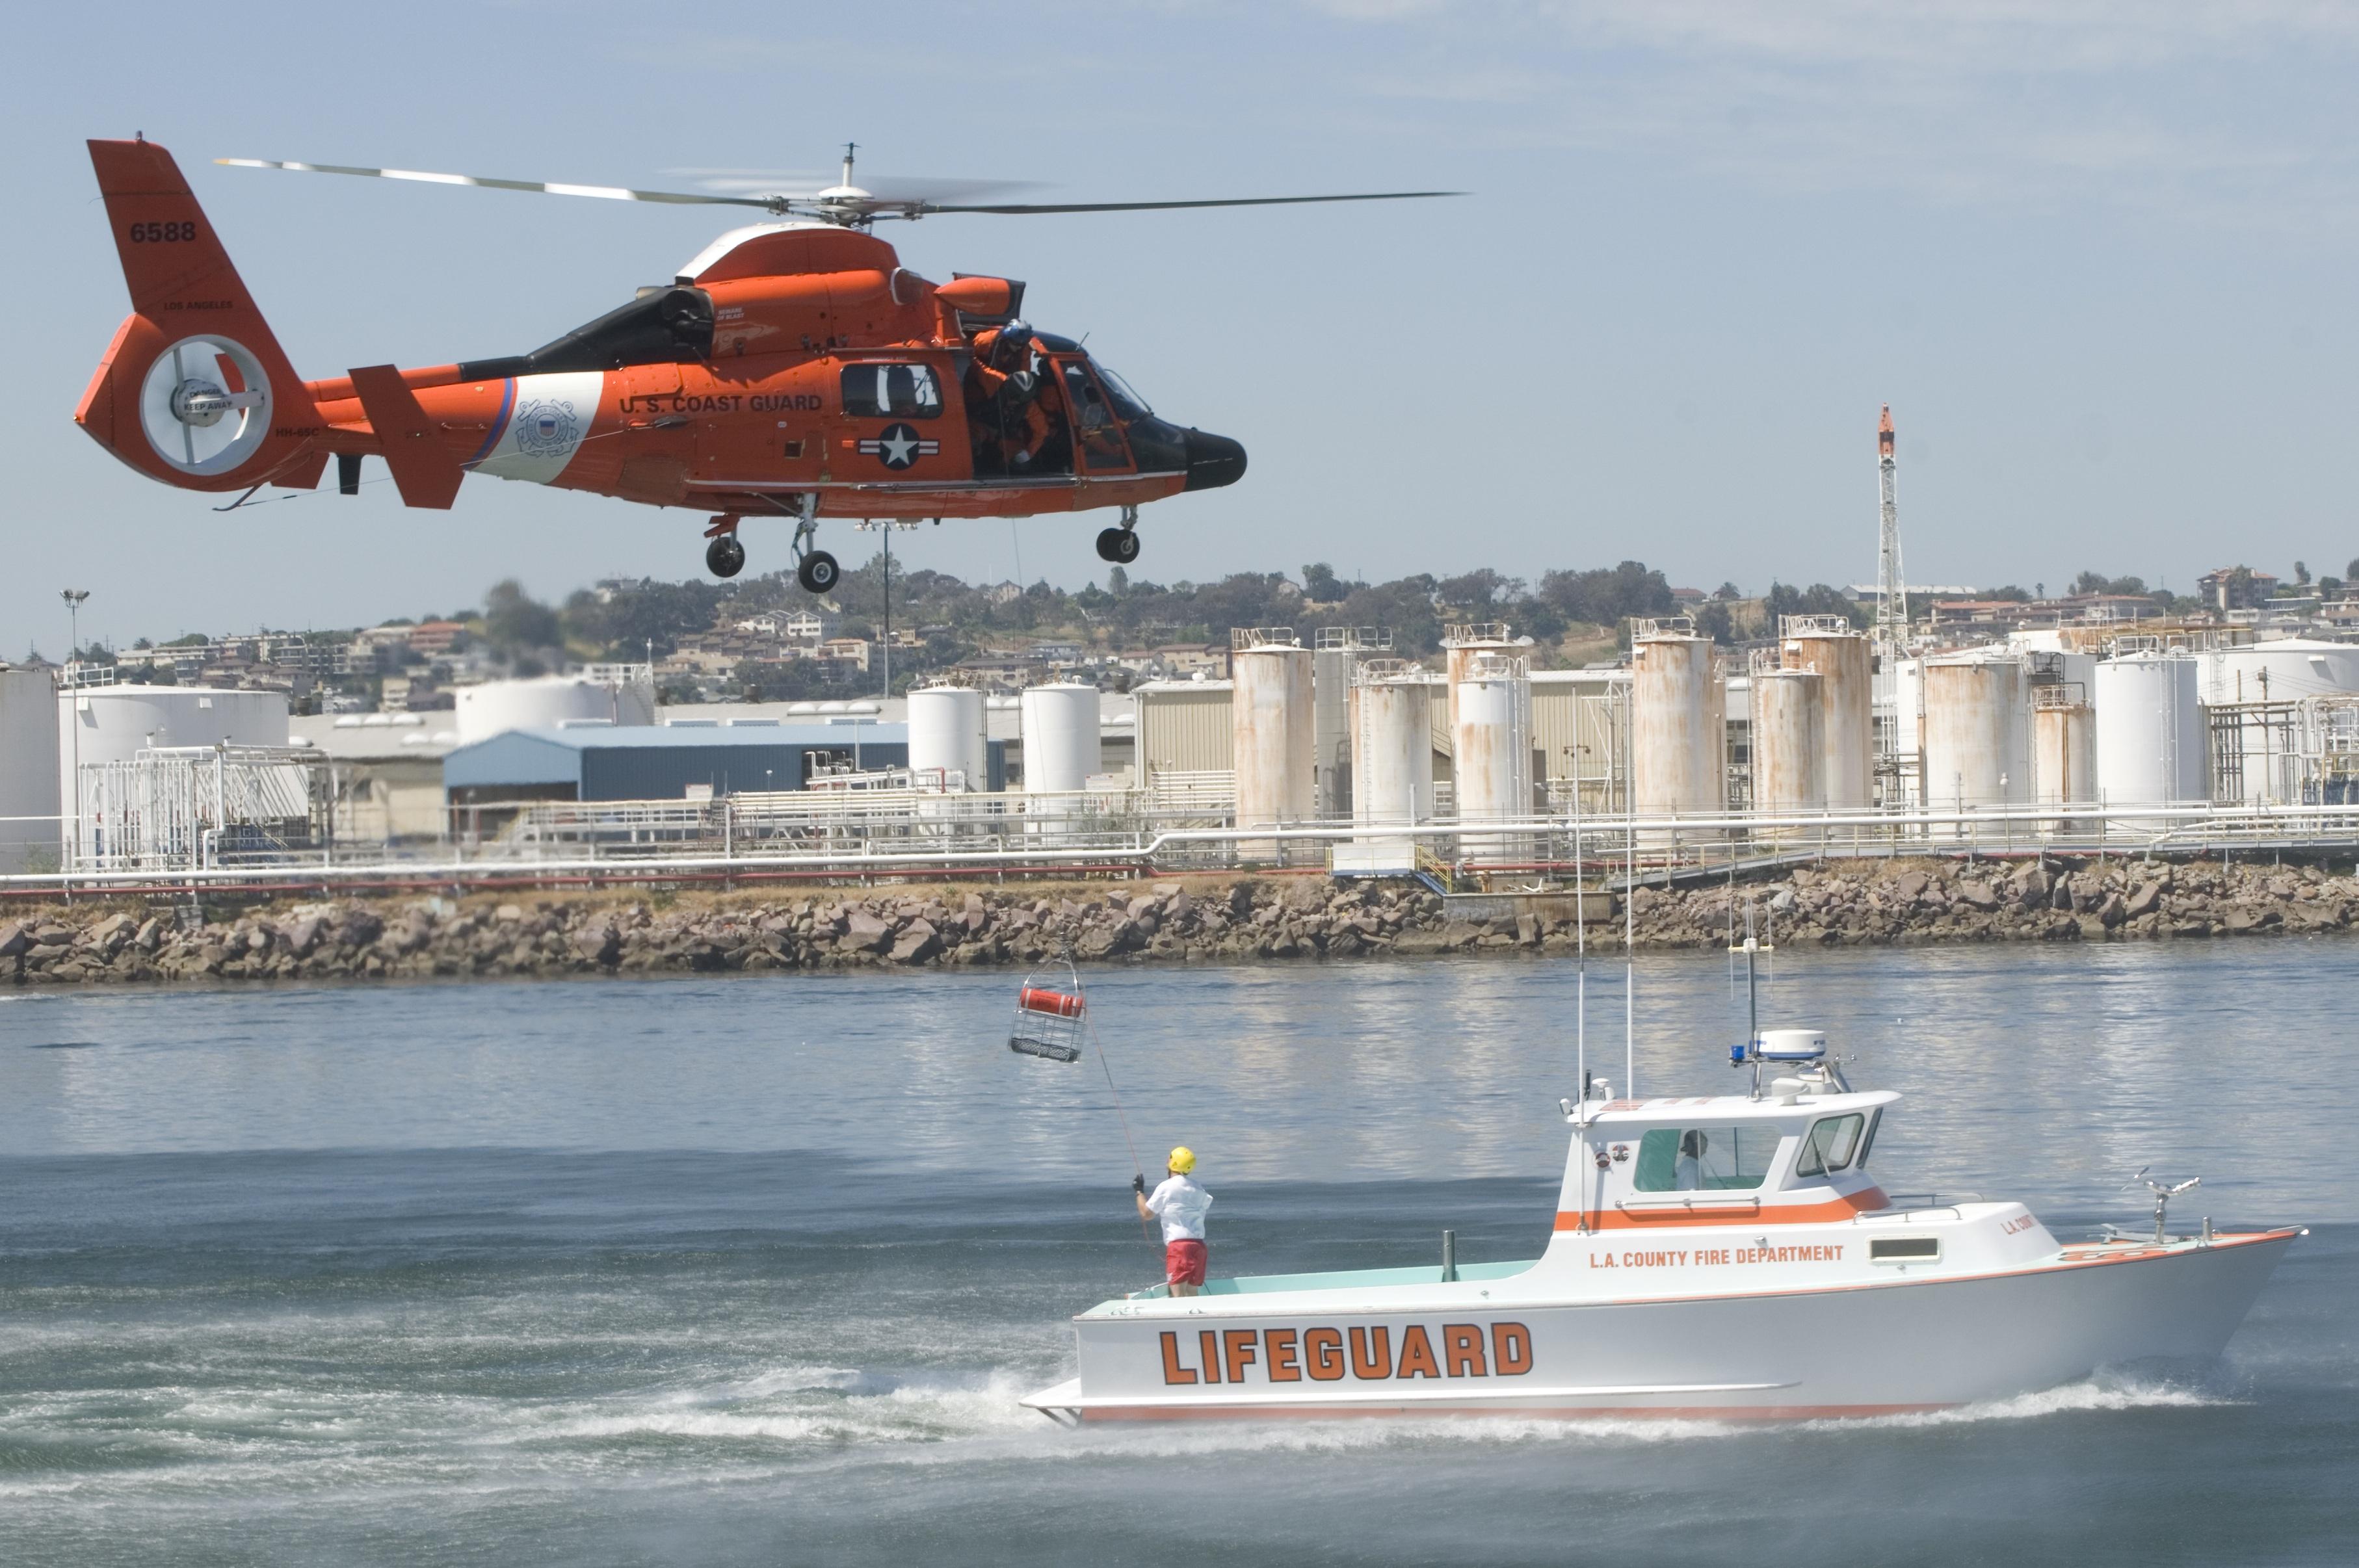 Coast Guard Training, Activity, Boat, Coast, Exercise, HQ Photo